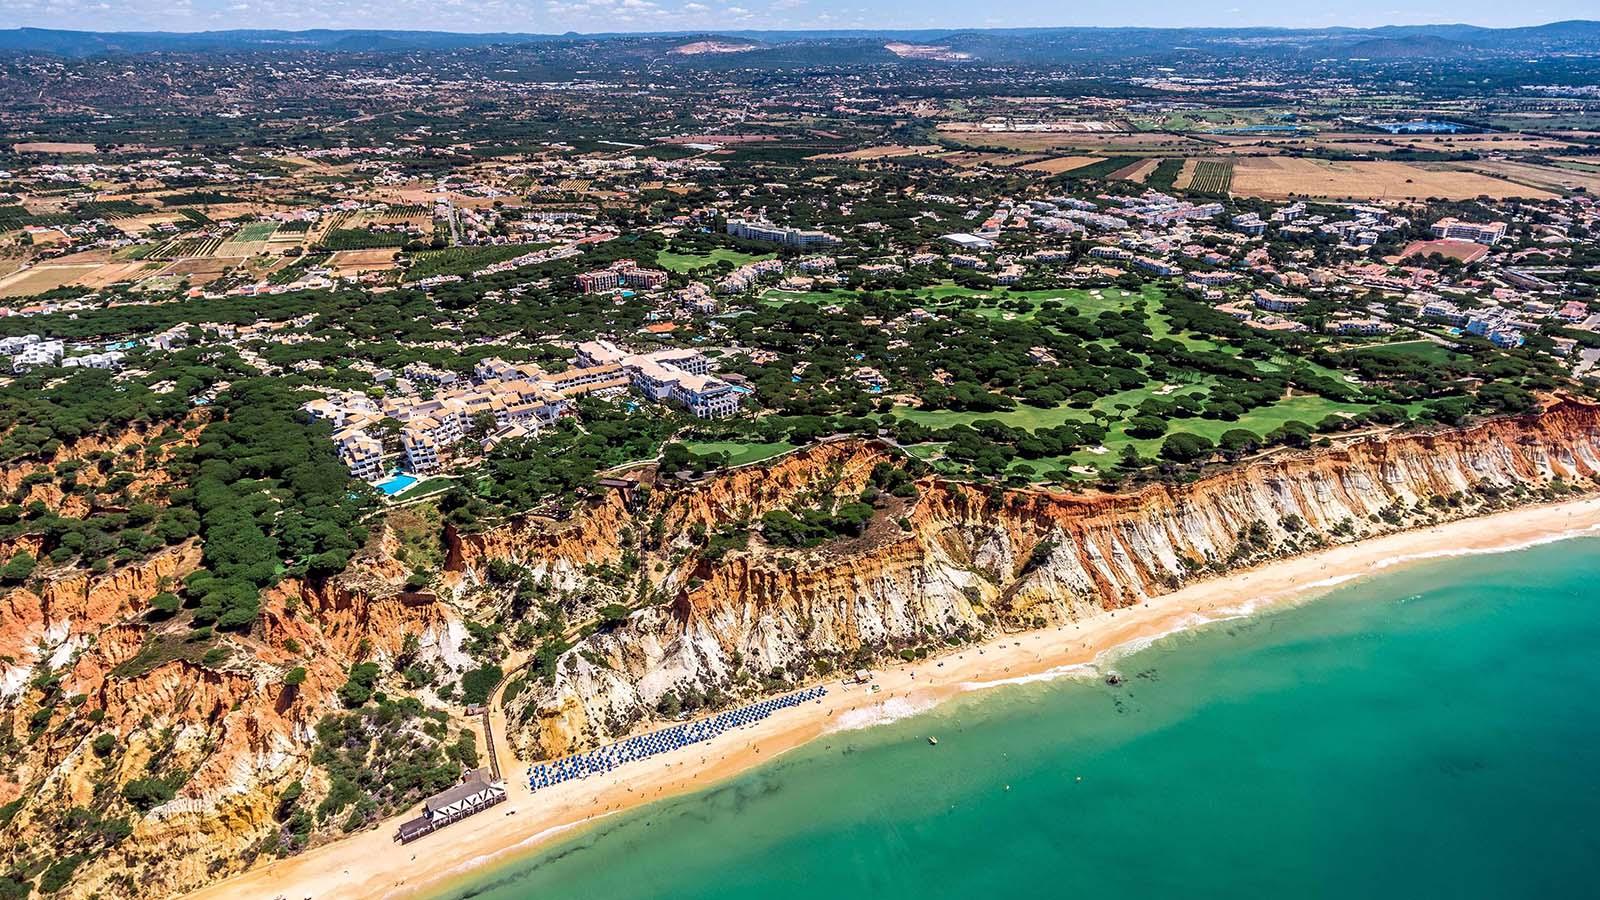 O Pine Cliffs Resort, o melhor resort de lazer de luxo do mundo